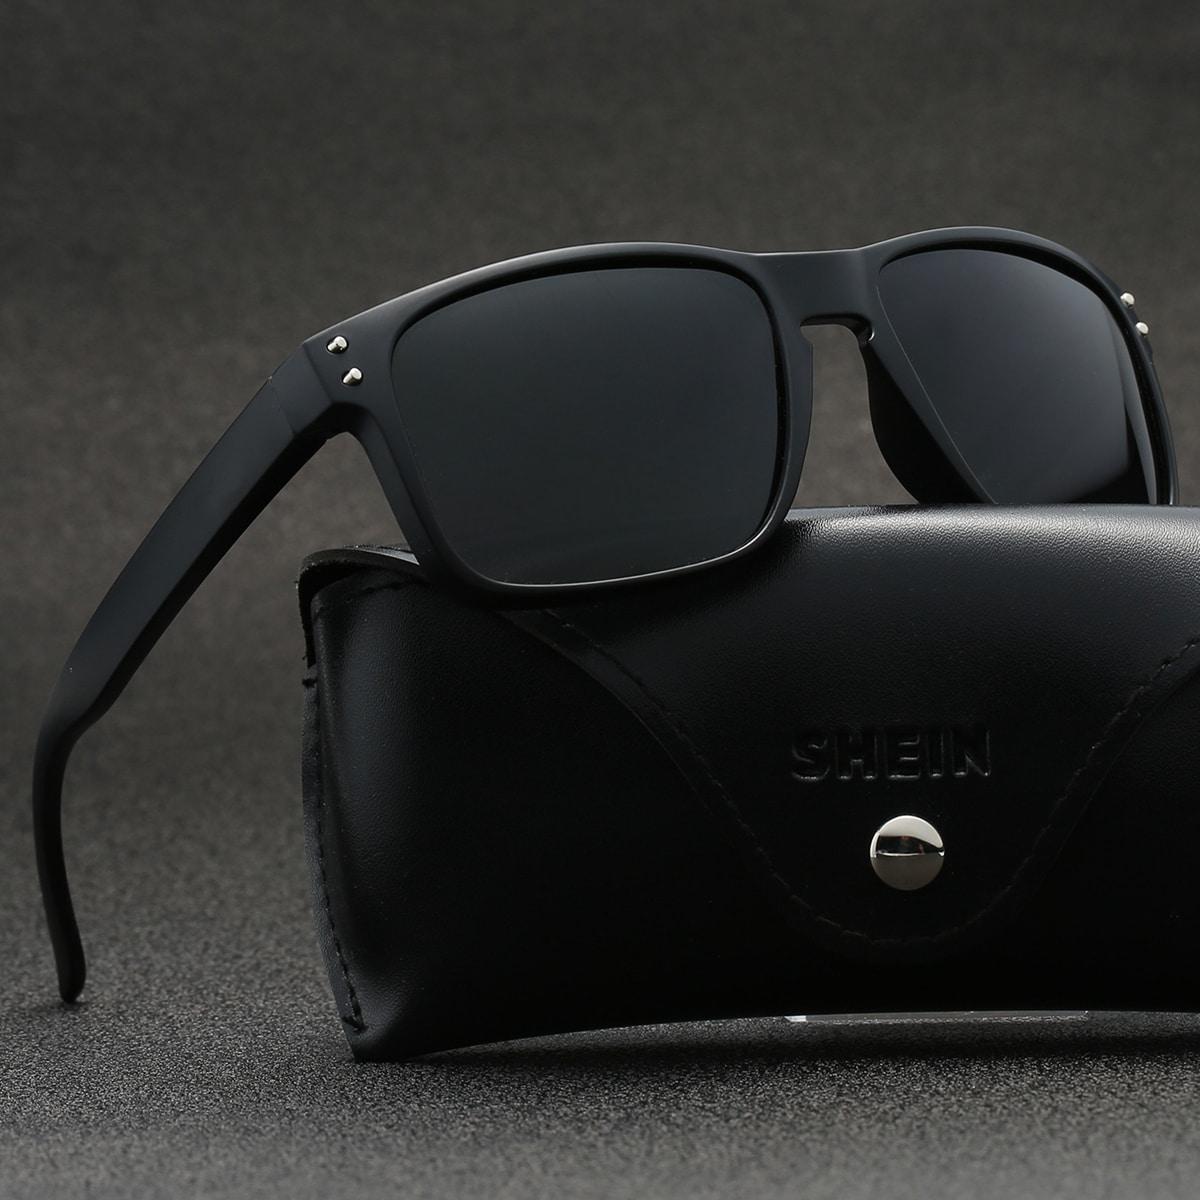 Мужские поляризованные спортивные солнцезащитные очки от SHEIN